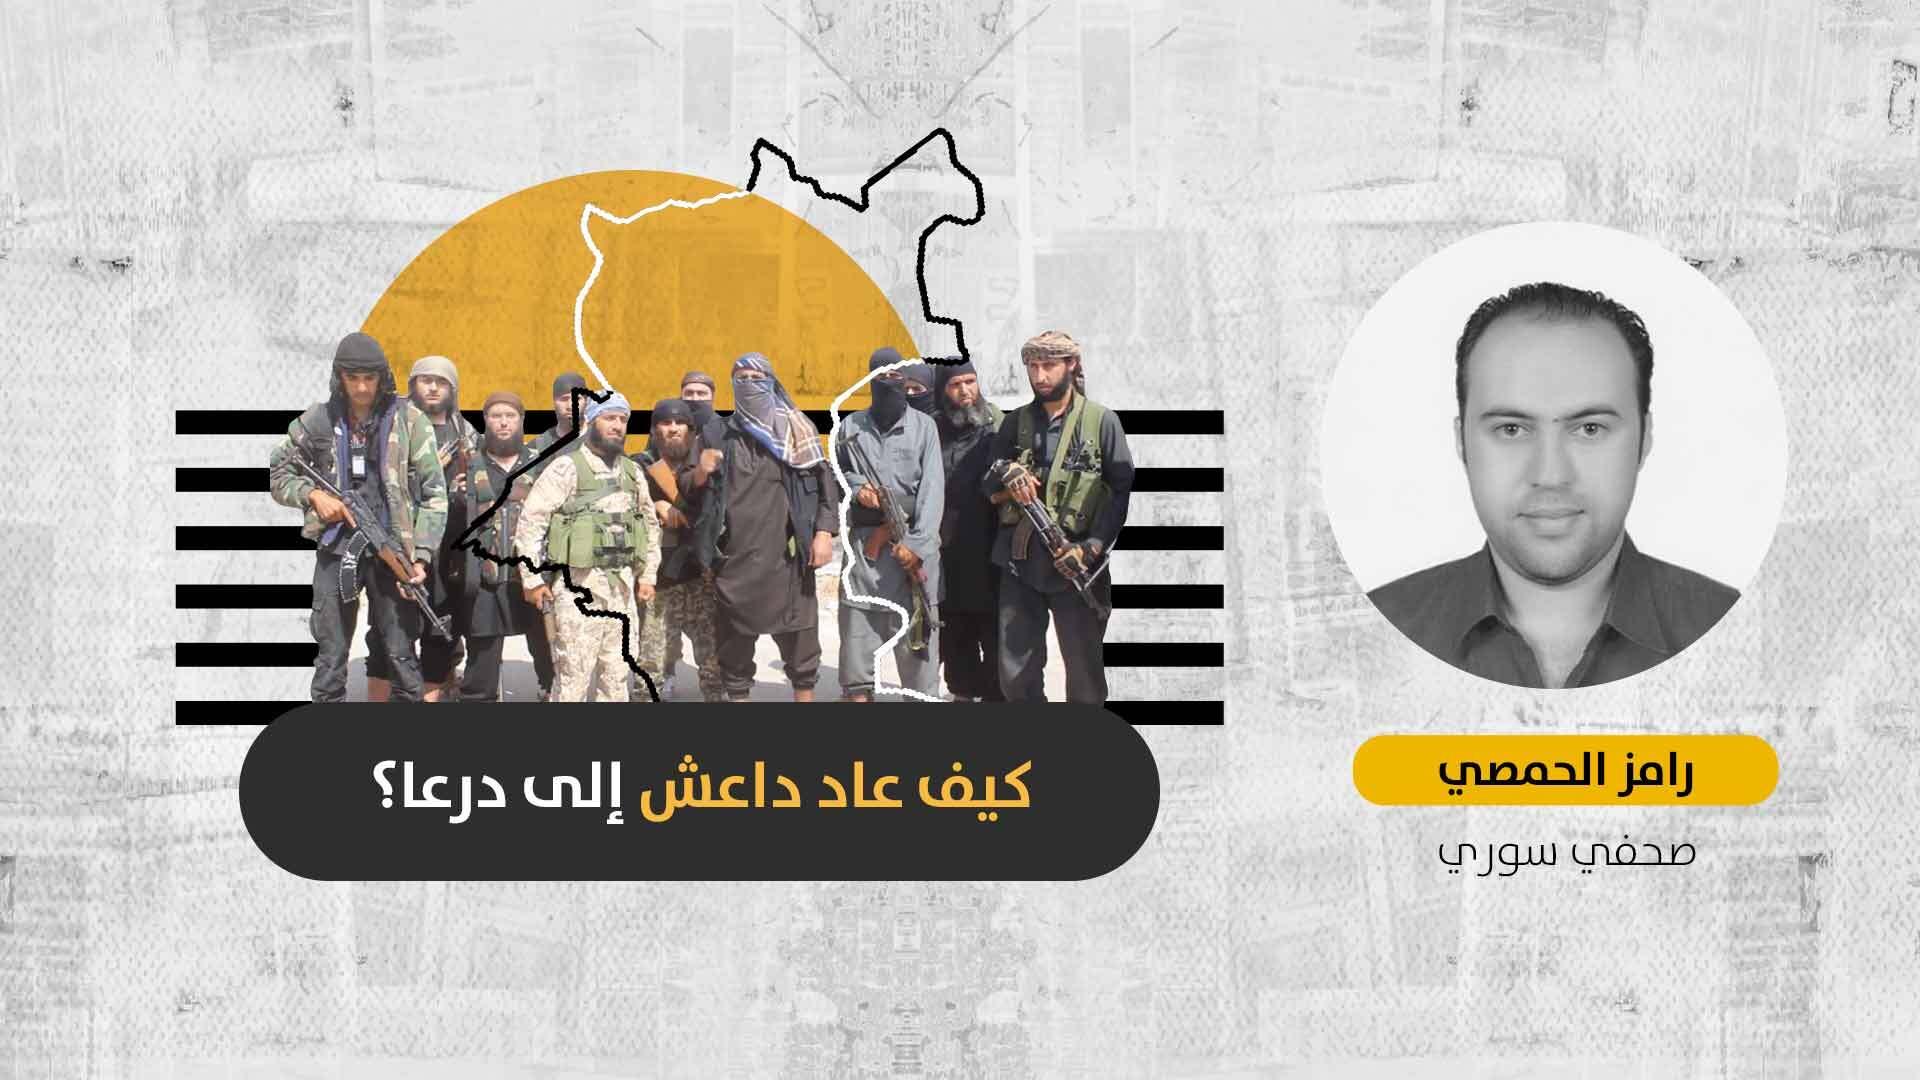 أعضاء في لجنة المصالحة بدرعا لـ«الحل نت»: «لدينا تسجيلات تكشف التعاون بين الفرقة الرابعة وتنظيم داعش»